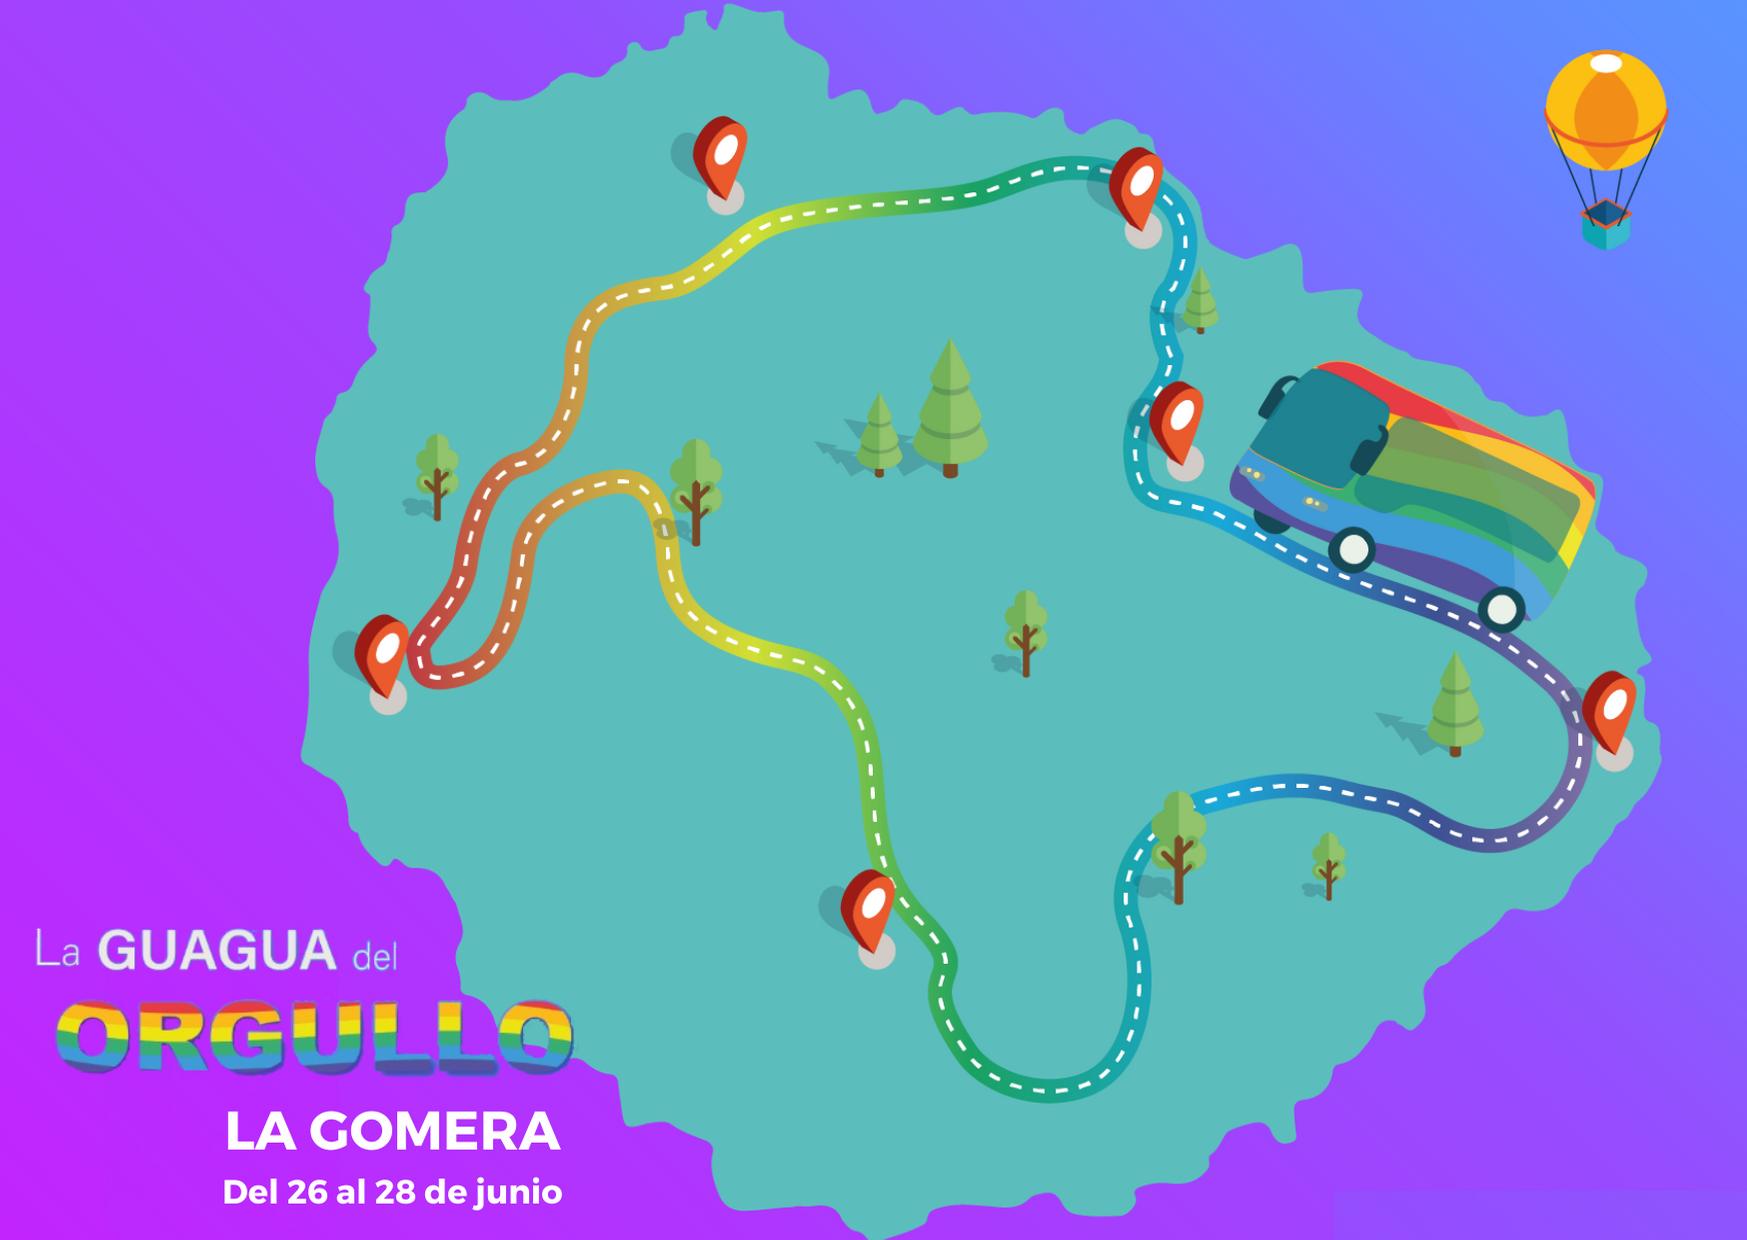 """El Cabildo promueve el primer Orgullo LGBTIQ+ de la isla de La Gomera con """"La Guagua del Orgullo"""""""